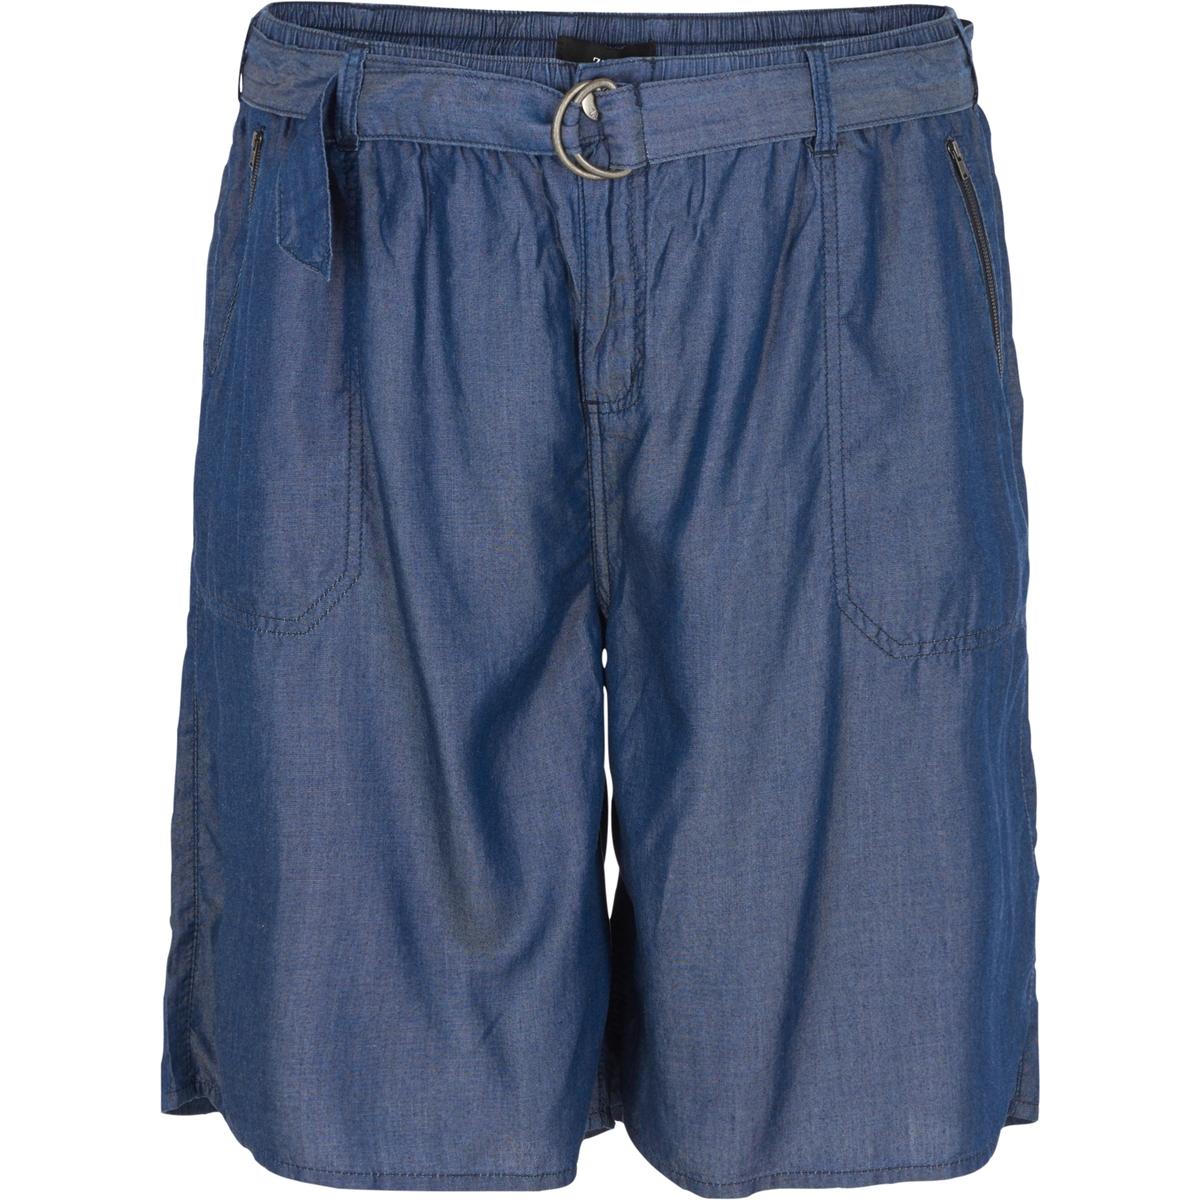 ШортыШорты ZIZZI. Эффект струящейся джинсовой ткани. Пояс на завязках. Боковые карманы. 100% тенсел<br><br>Цвет: синий джинсовый<br>Размер: 46/48 (FR) - 52/54 (RUS)